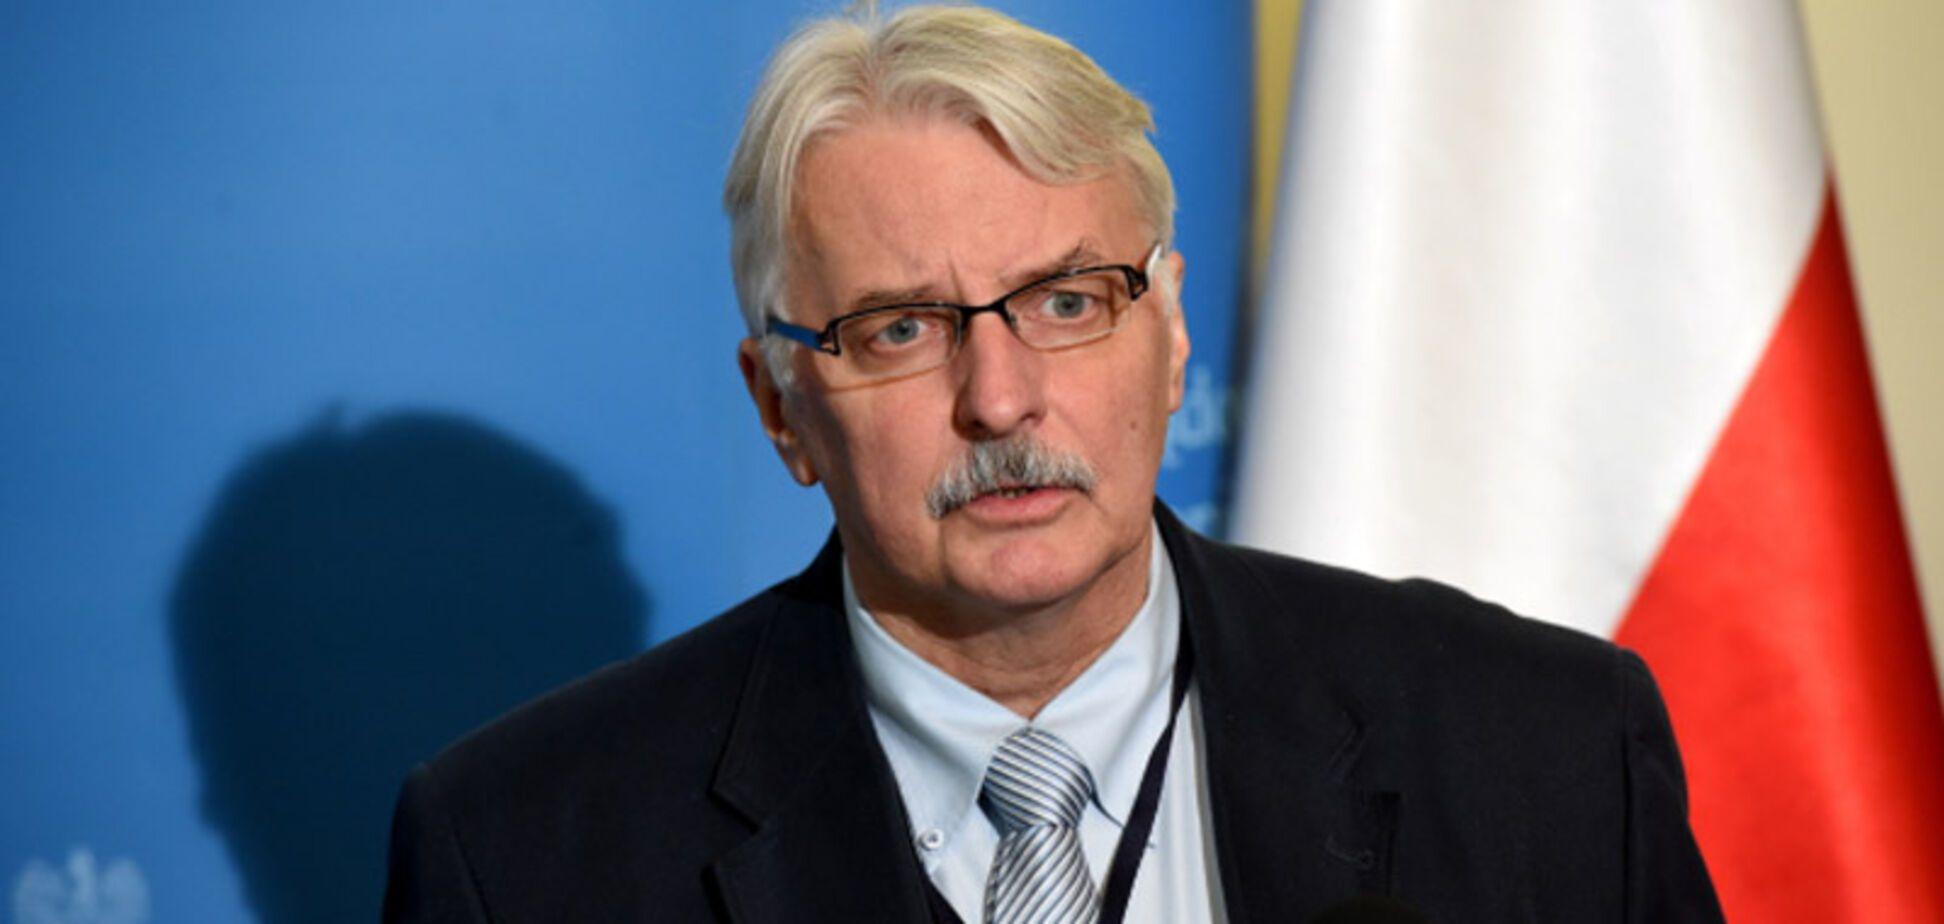 Включили заднюю? Глава польского МИД странно отреагировал на скандал с Вятровичем